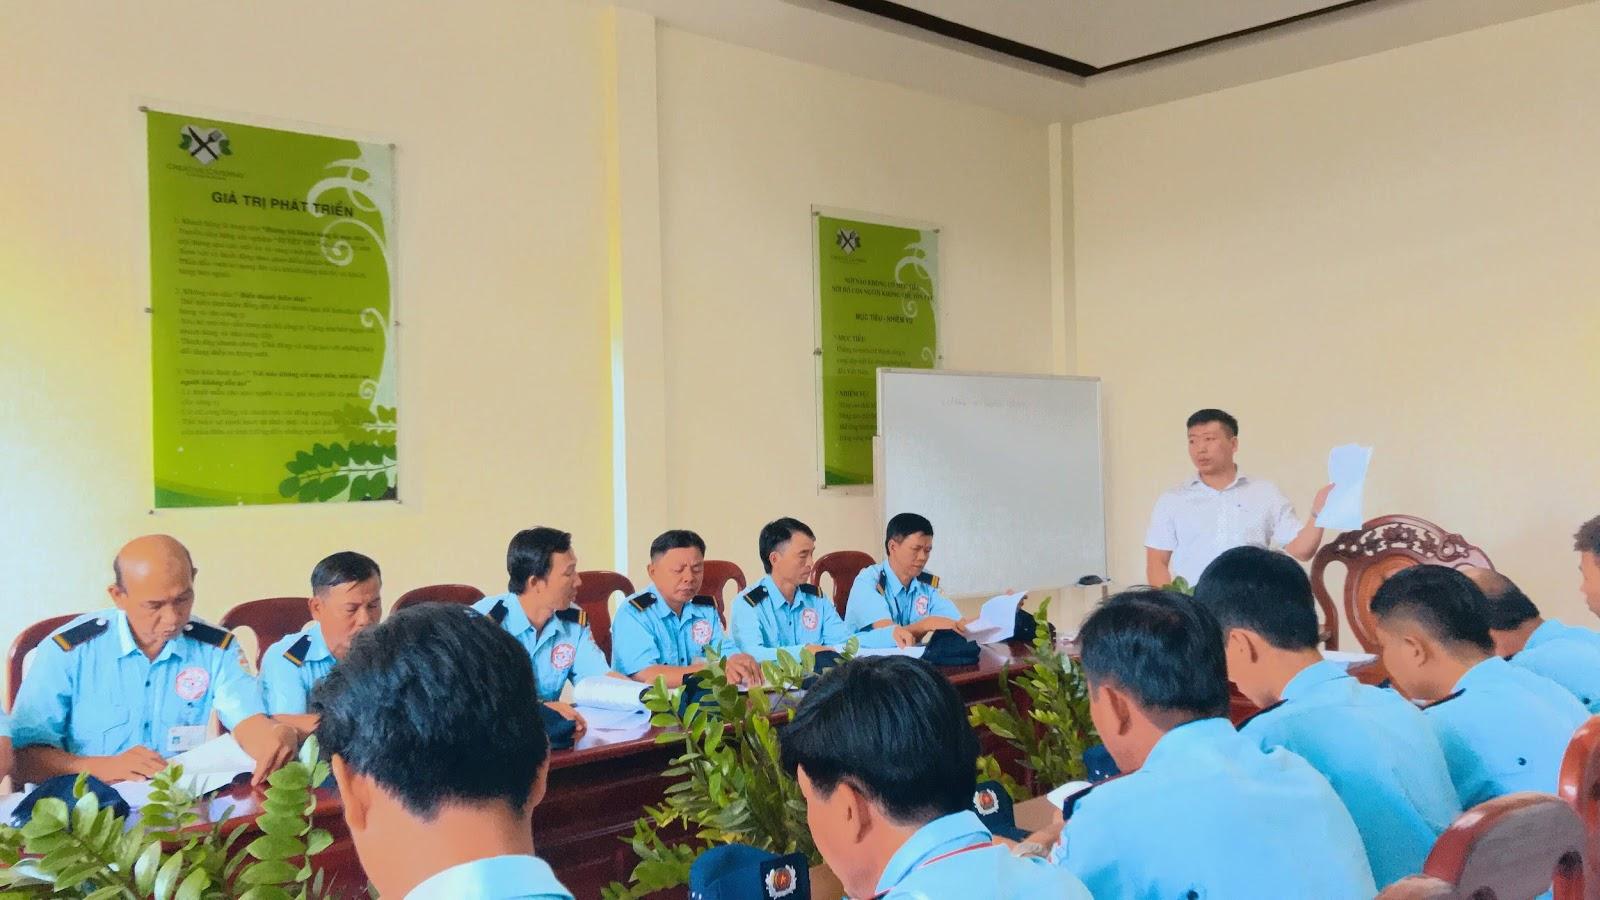 Dịch vụ bảo vệ ngân hàng chuyên nghiệp của công ty CP DV Hải Dương